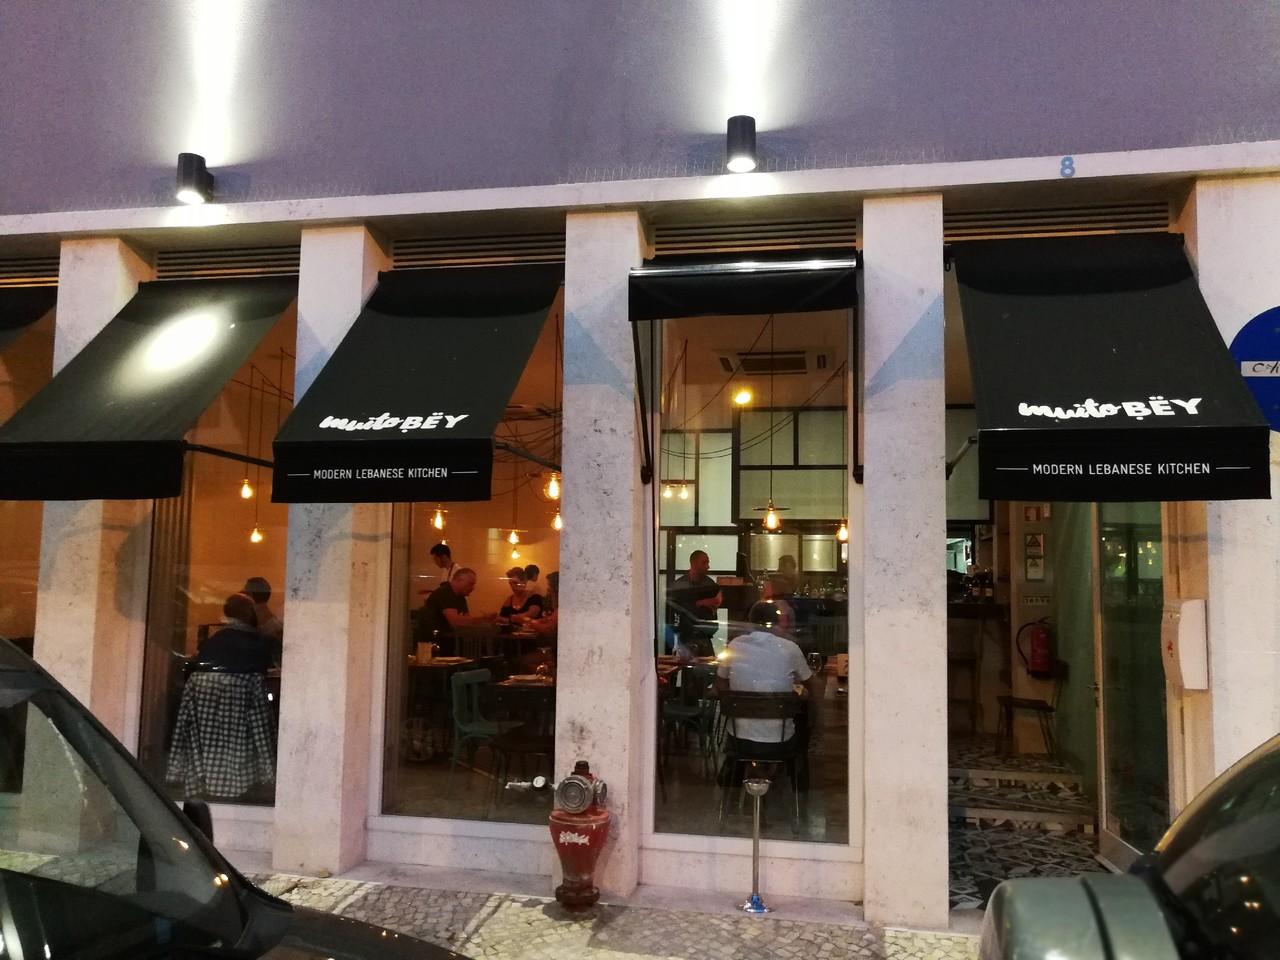 Restaurante Muito Bey LiAM.jpg